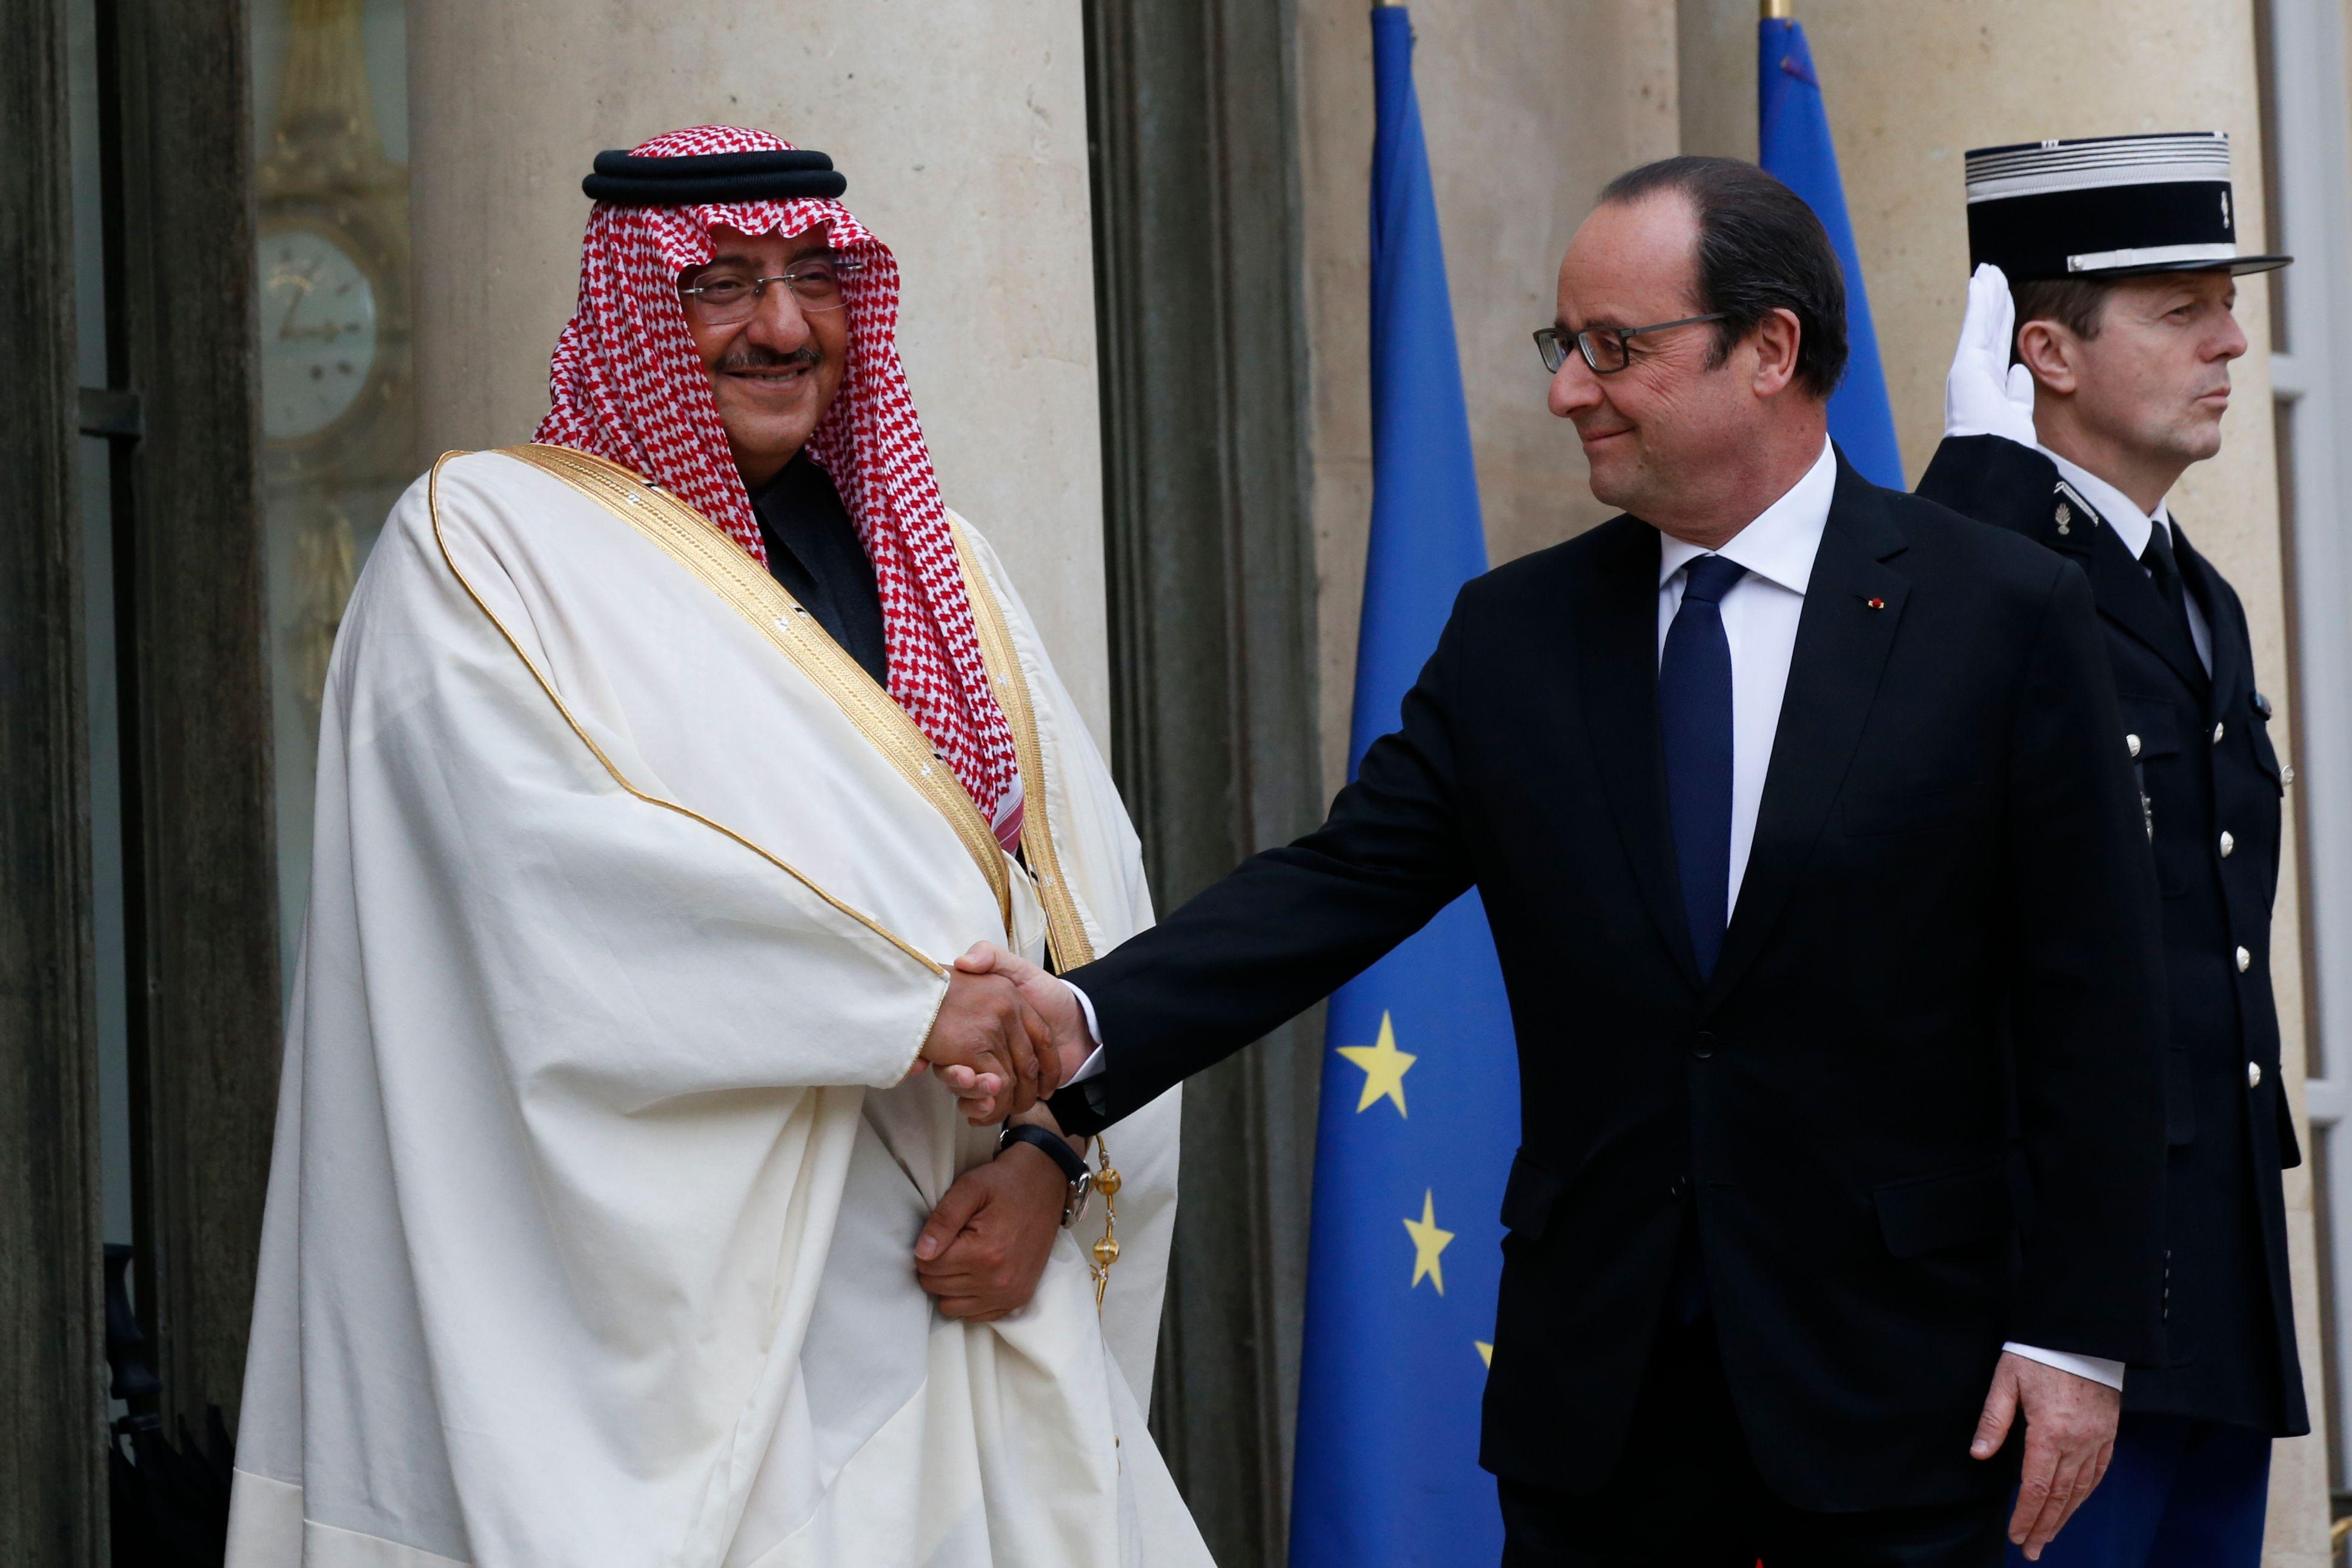 Syrie : les Saoudiens font savoir qu'ils veulent participer à la coalition contre l'Etat islamique mais la destruction de Daech est le cadet de leurs soucis